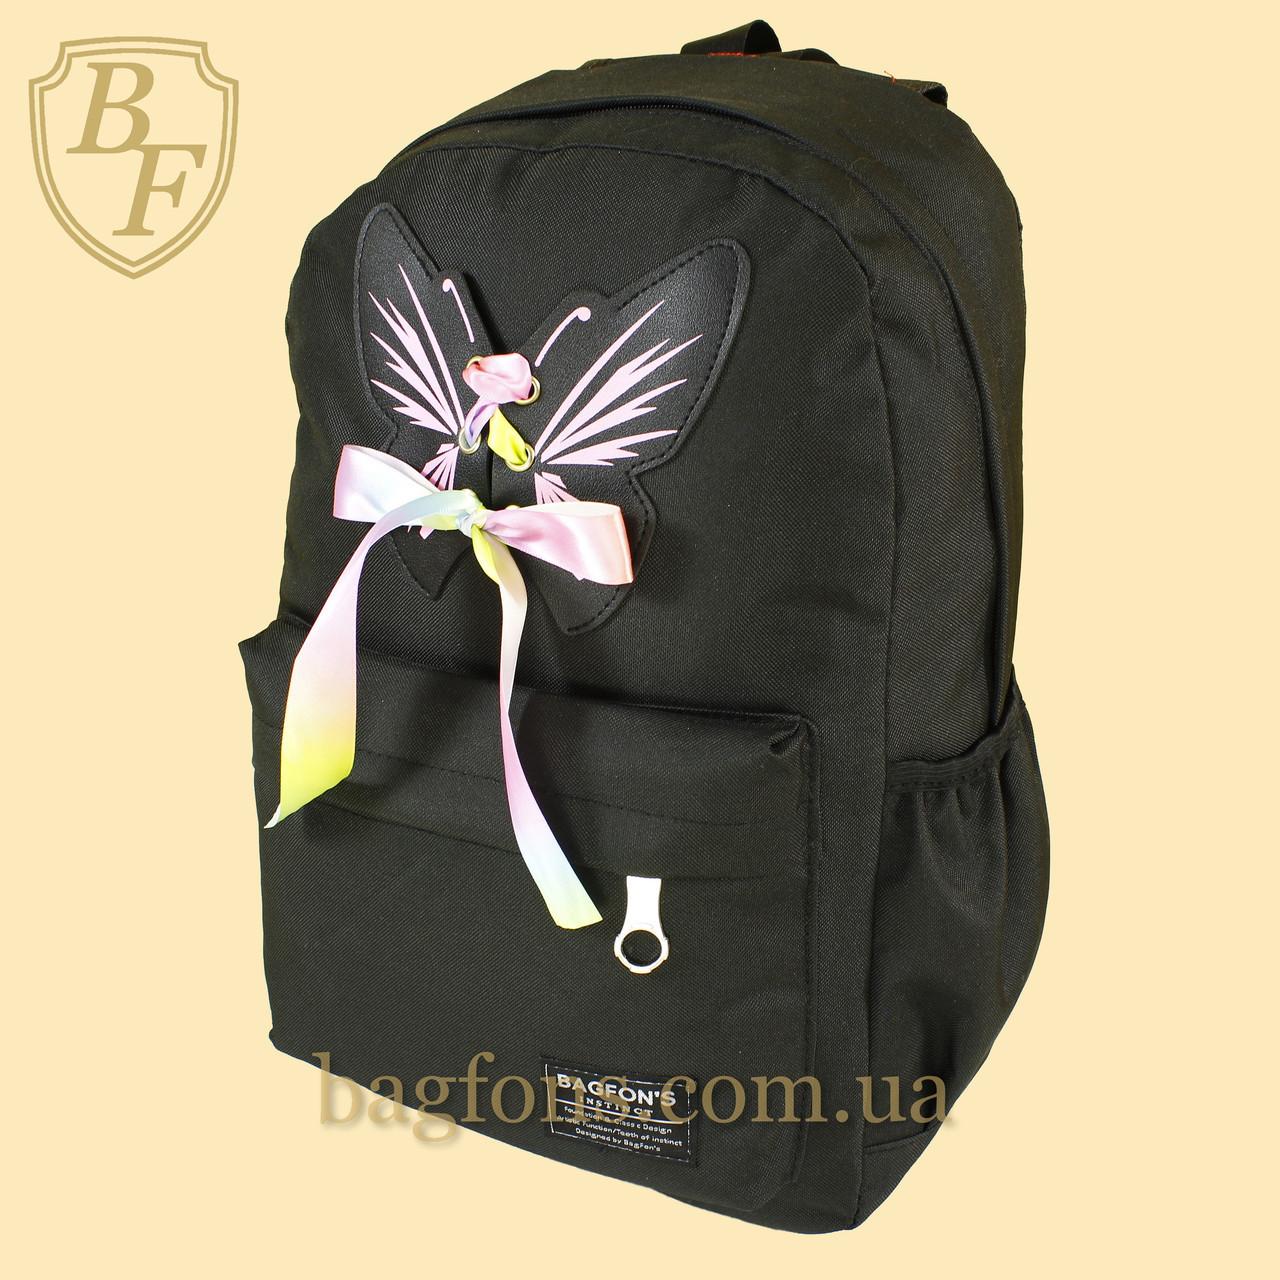 82705f3d516f Рюкзак городской школьный для девочки с бабочкой и лентой черный BagFon's  8013